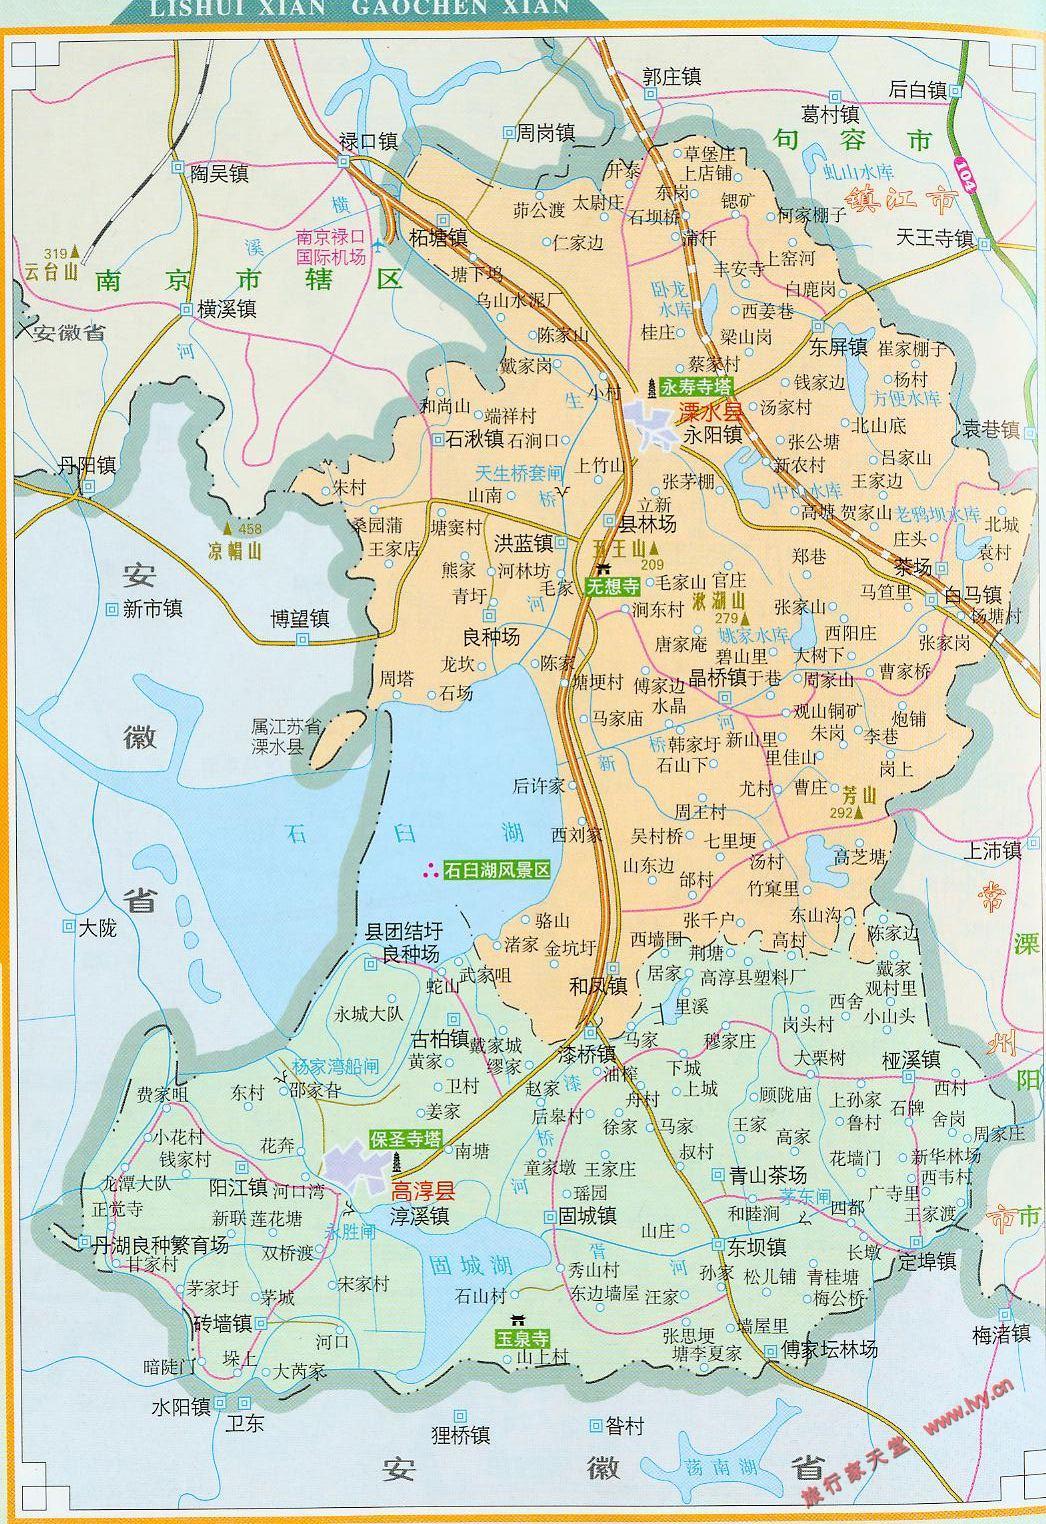 溧水县地图_南京地图查询